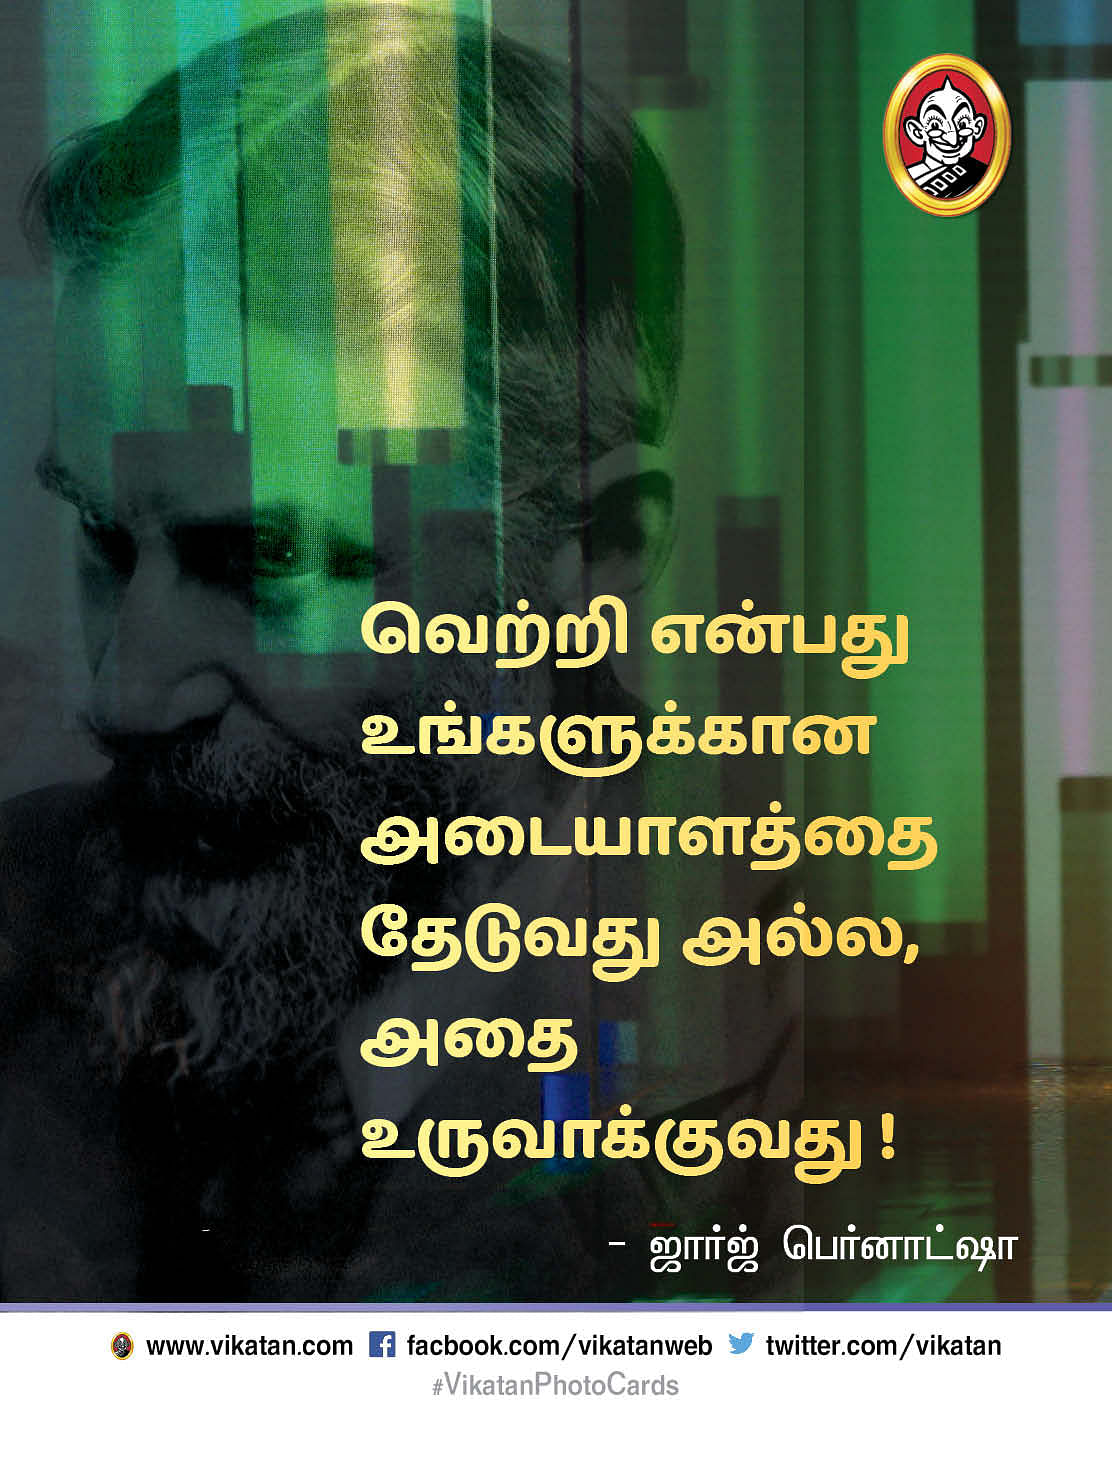 ஜார்க் பெர்னாட்ஷா